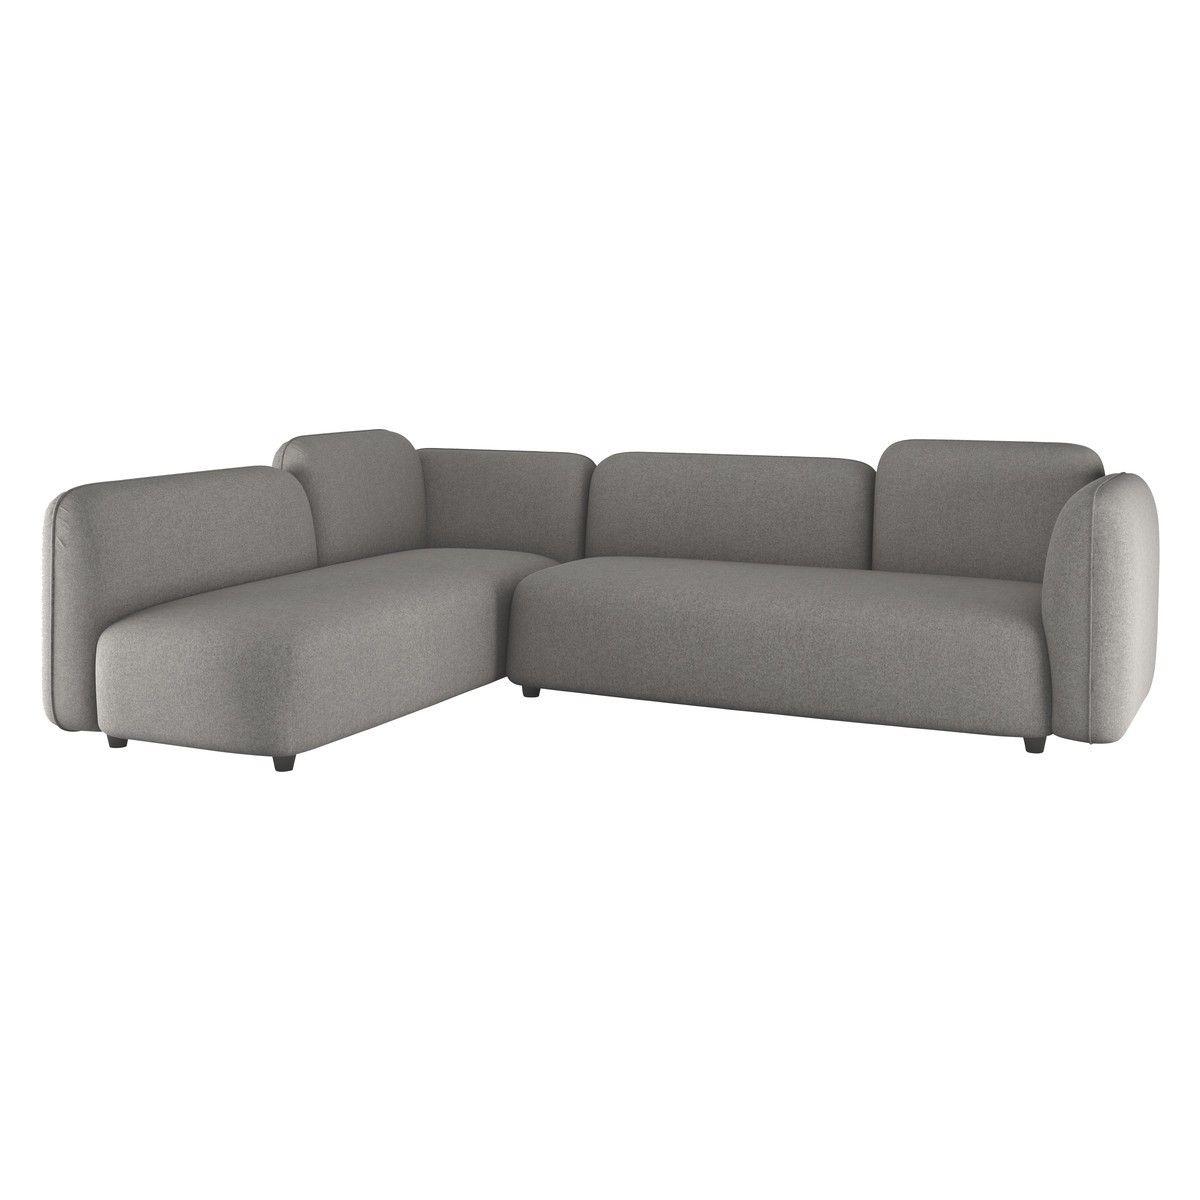 Habitat  Living Room  Chaise sofa Sofa Leather sofa